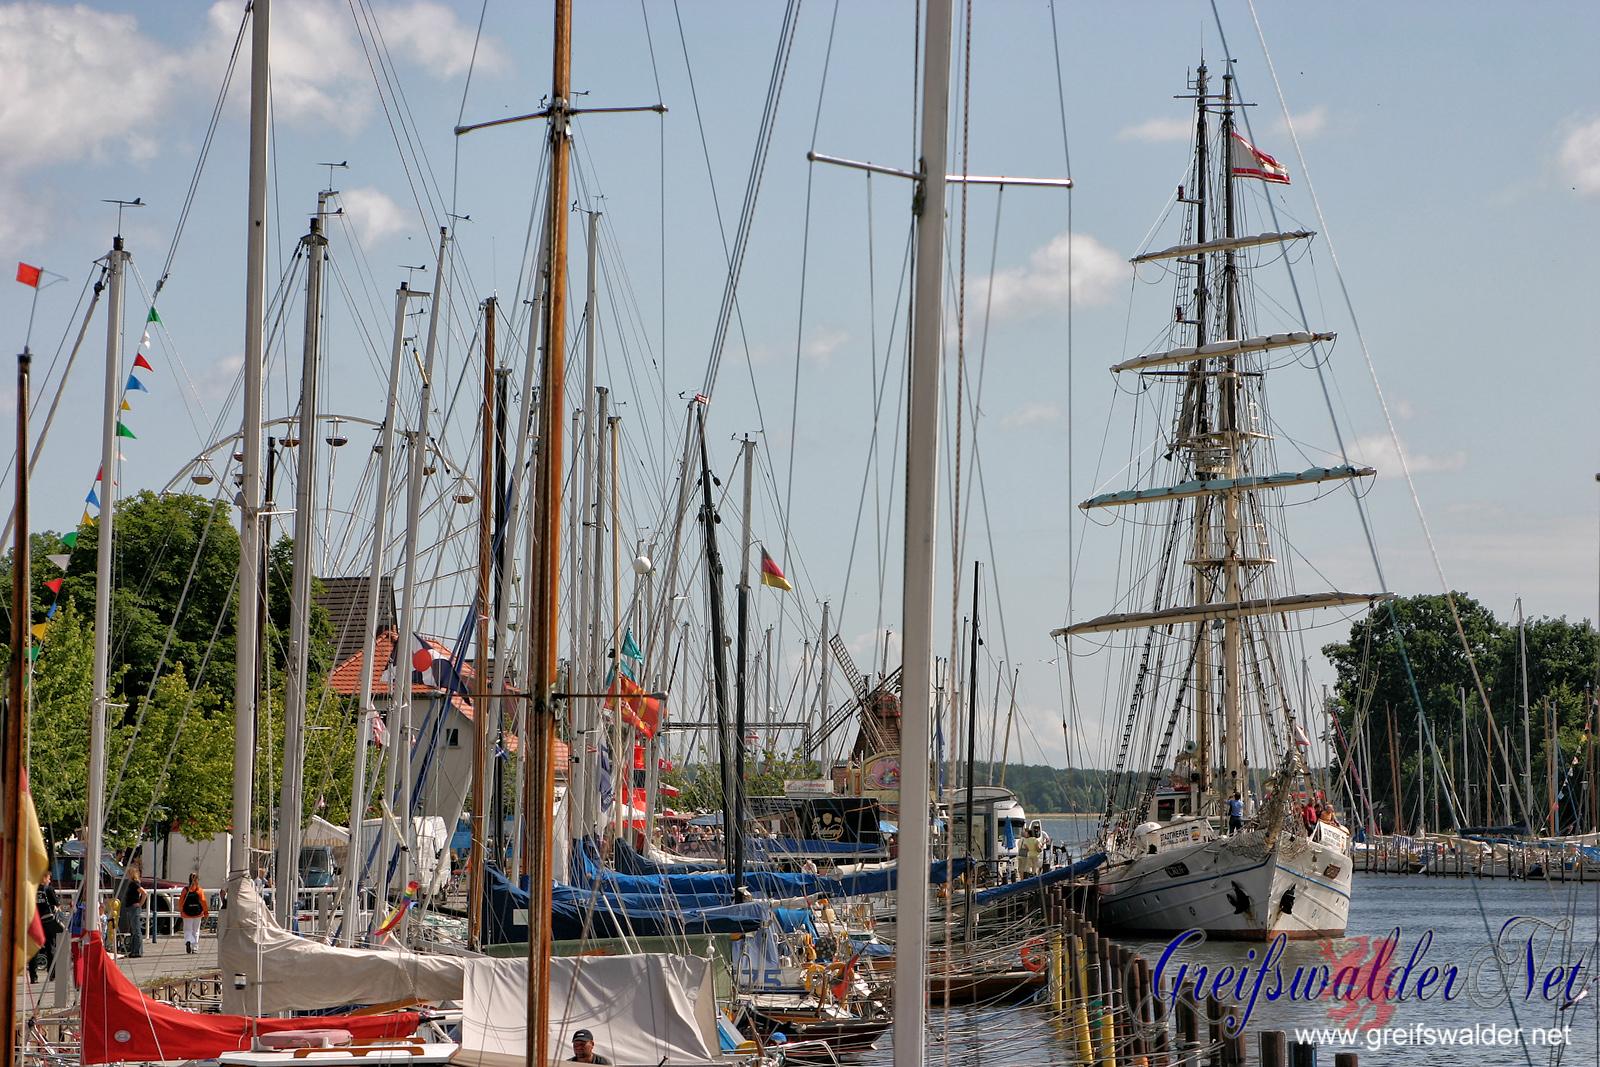 Fischerfest Gaffelrigg 2005 in Greifswald-Wieck